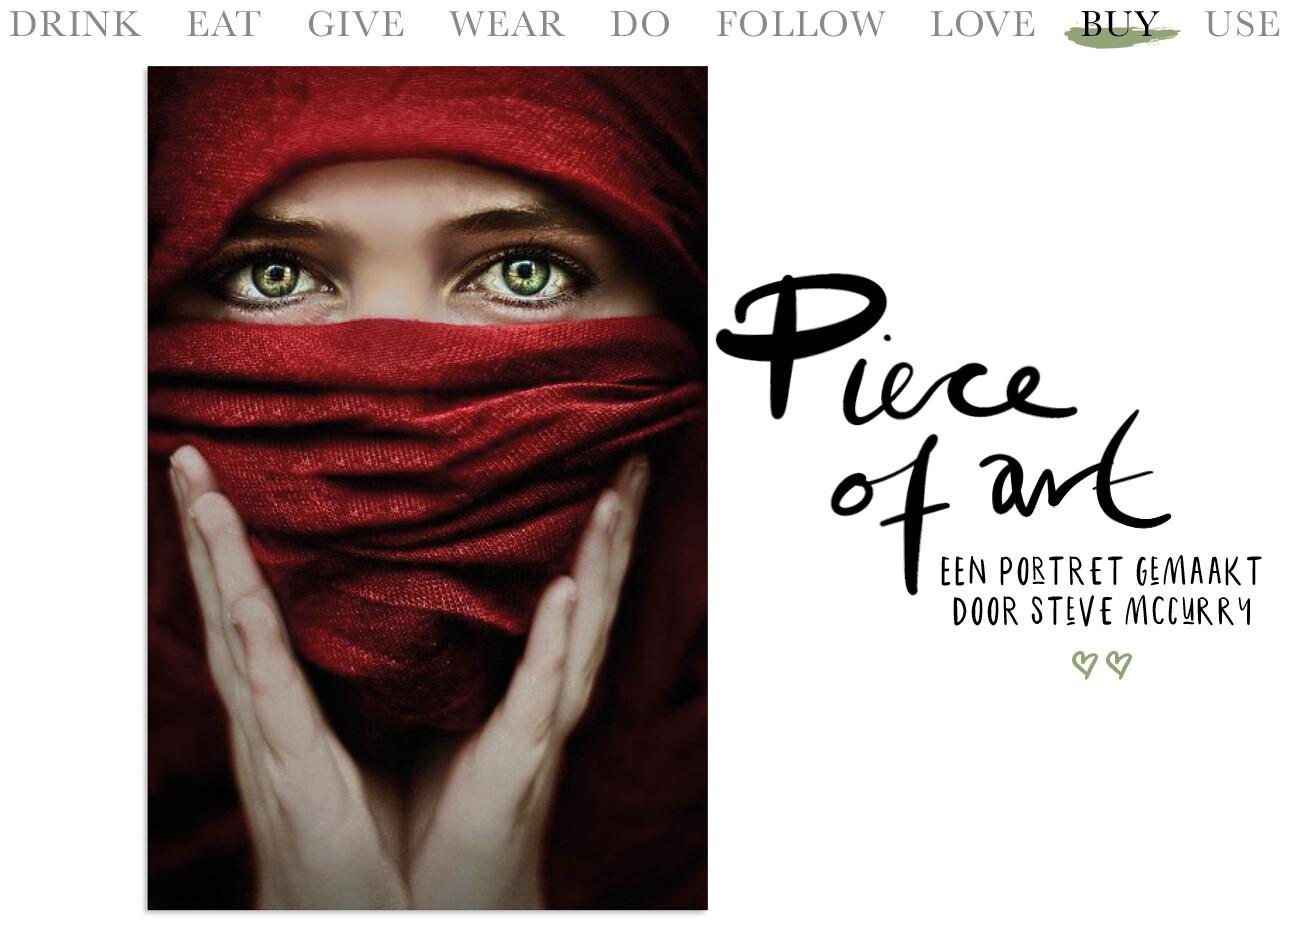 Steve McCurry kunstwerk voor aan de muur